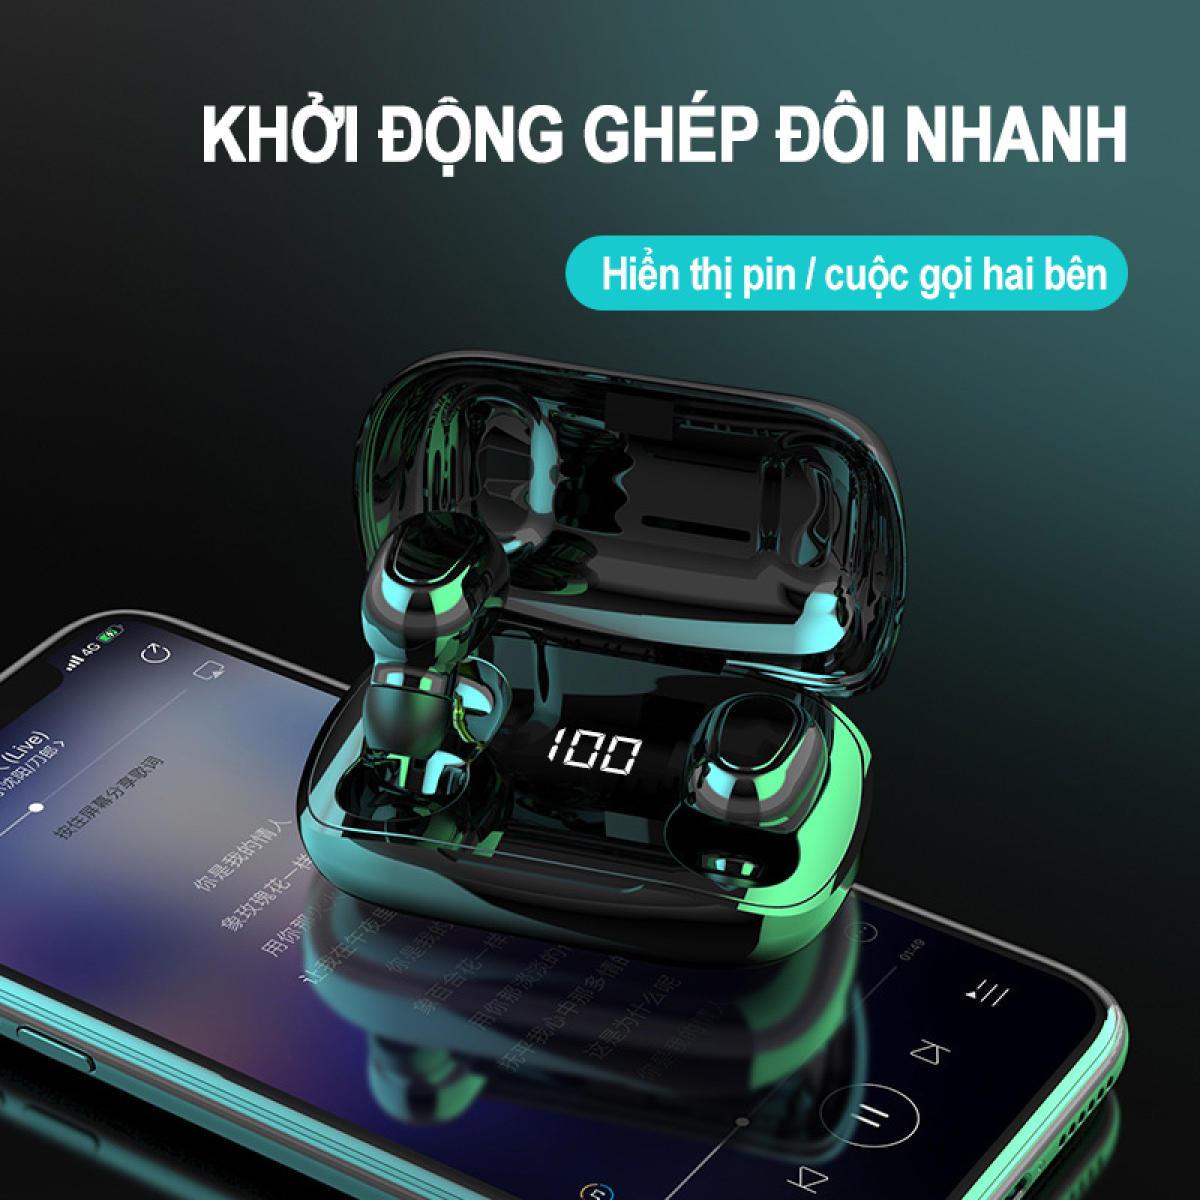 Tai Nghe Bluetooth XT7 TWS, Bluetooth V5.0 - Tai Nghe Kép Bass Âm Thanh phù hợp với các dòng Điện Thoại Huawei,Xiaomi,iPhone,Samsung - Hàng Chính Hãng